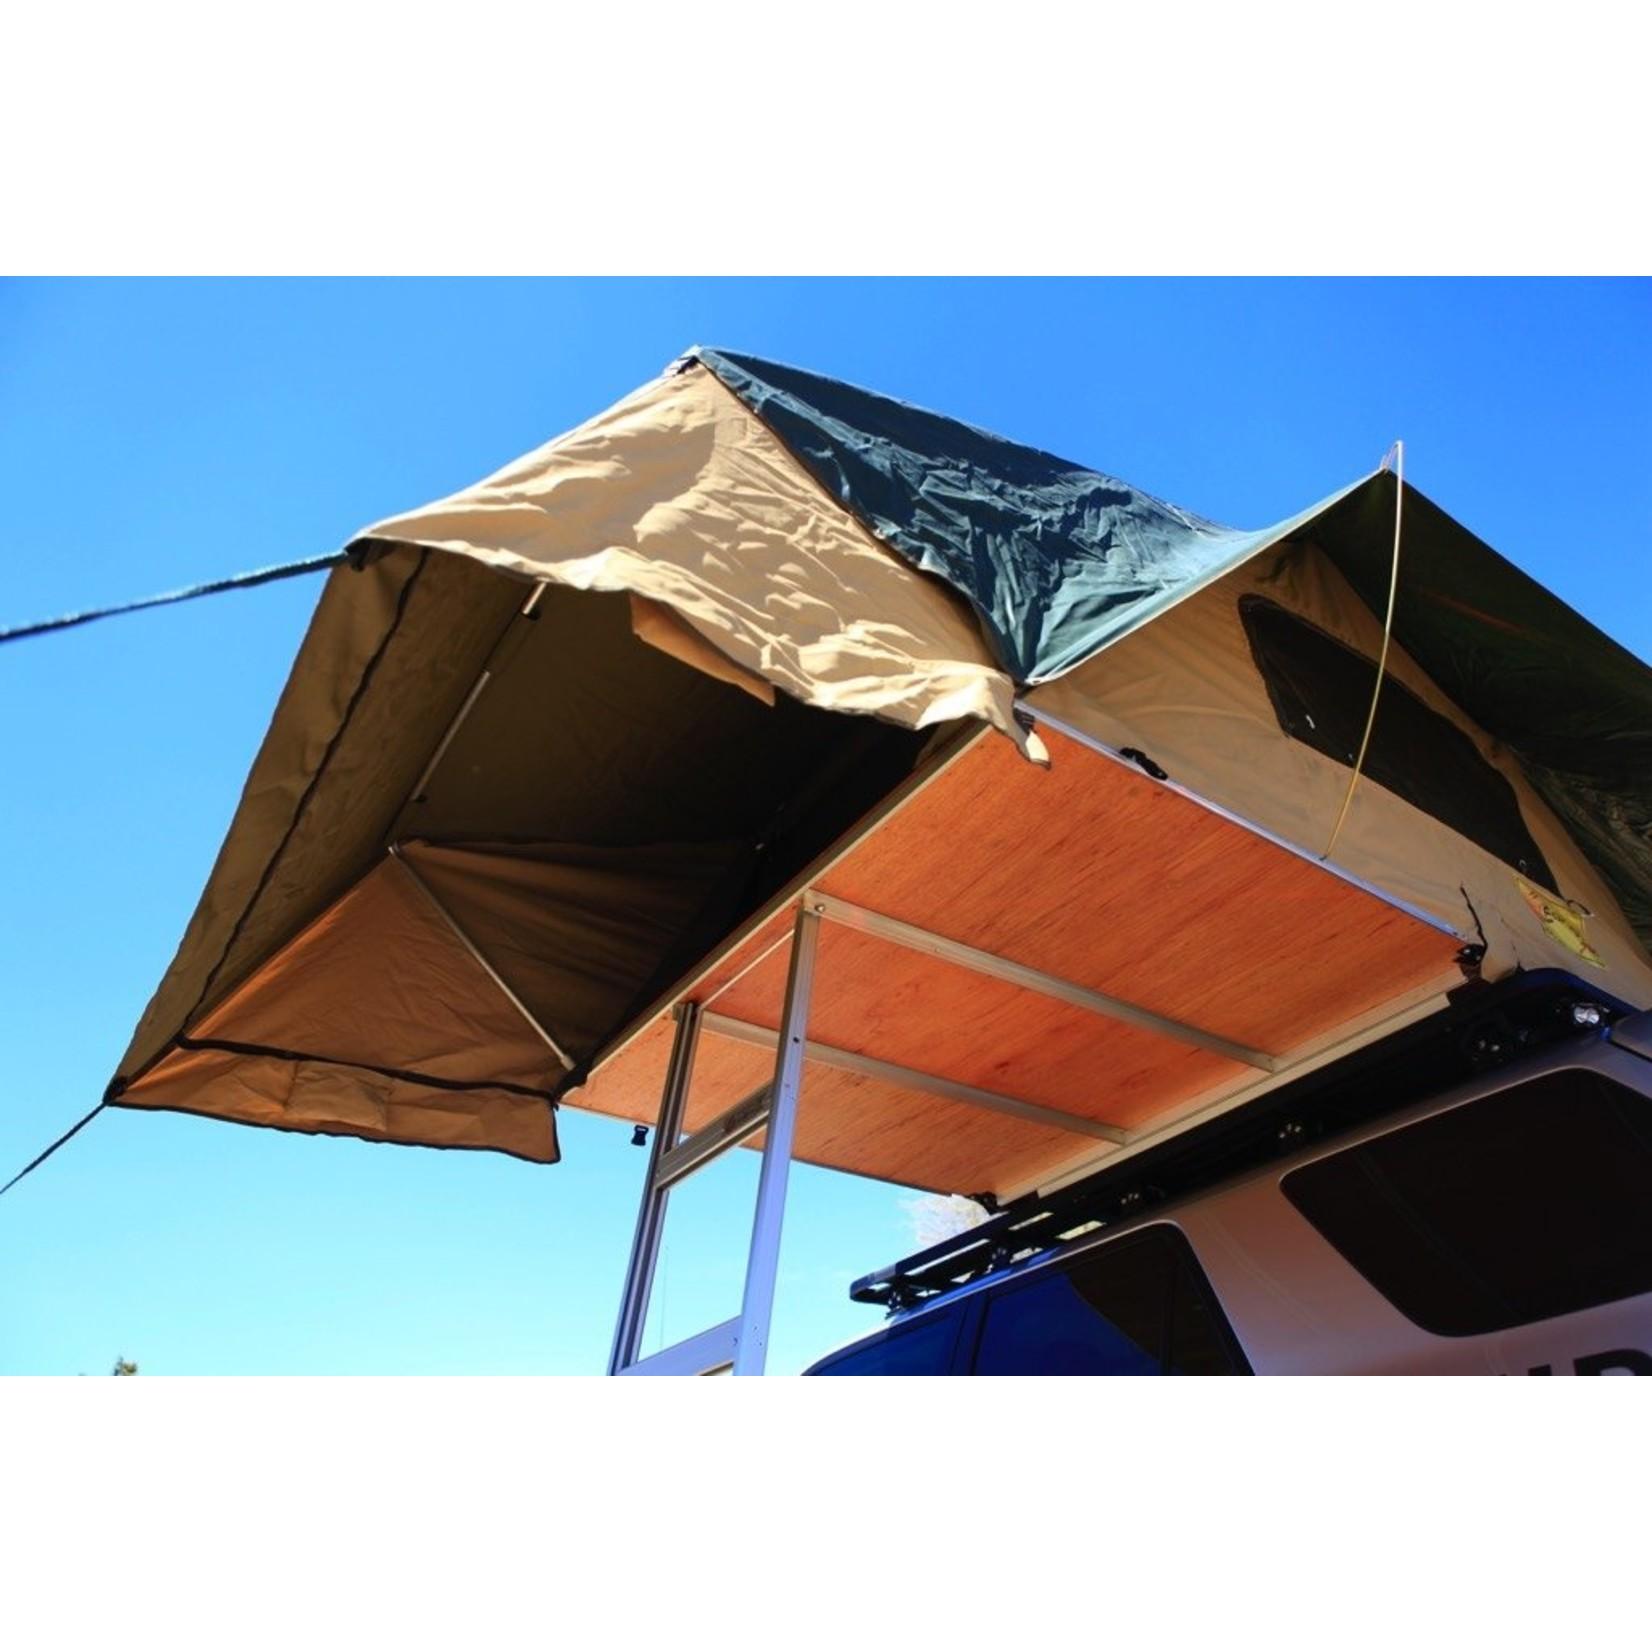 Eezi-Awn Eezi-Awn Fun Roof Top Tent